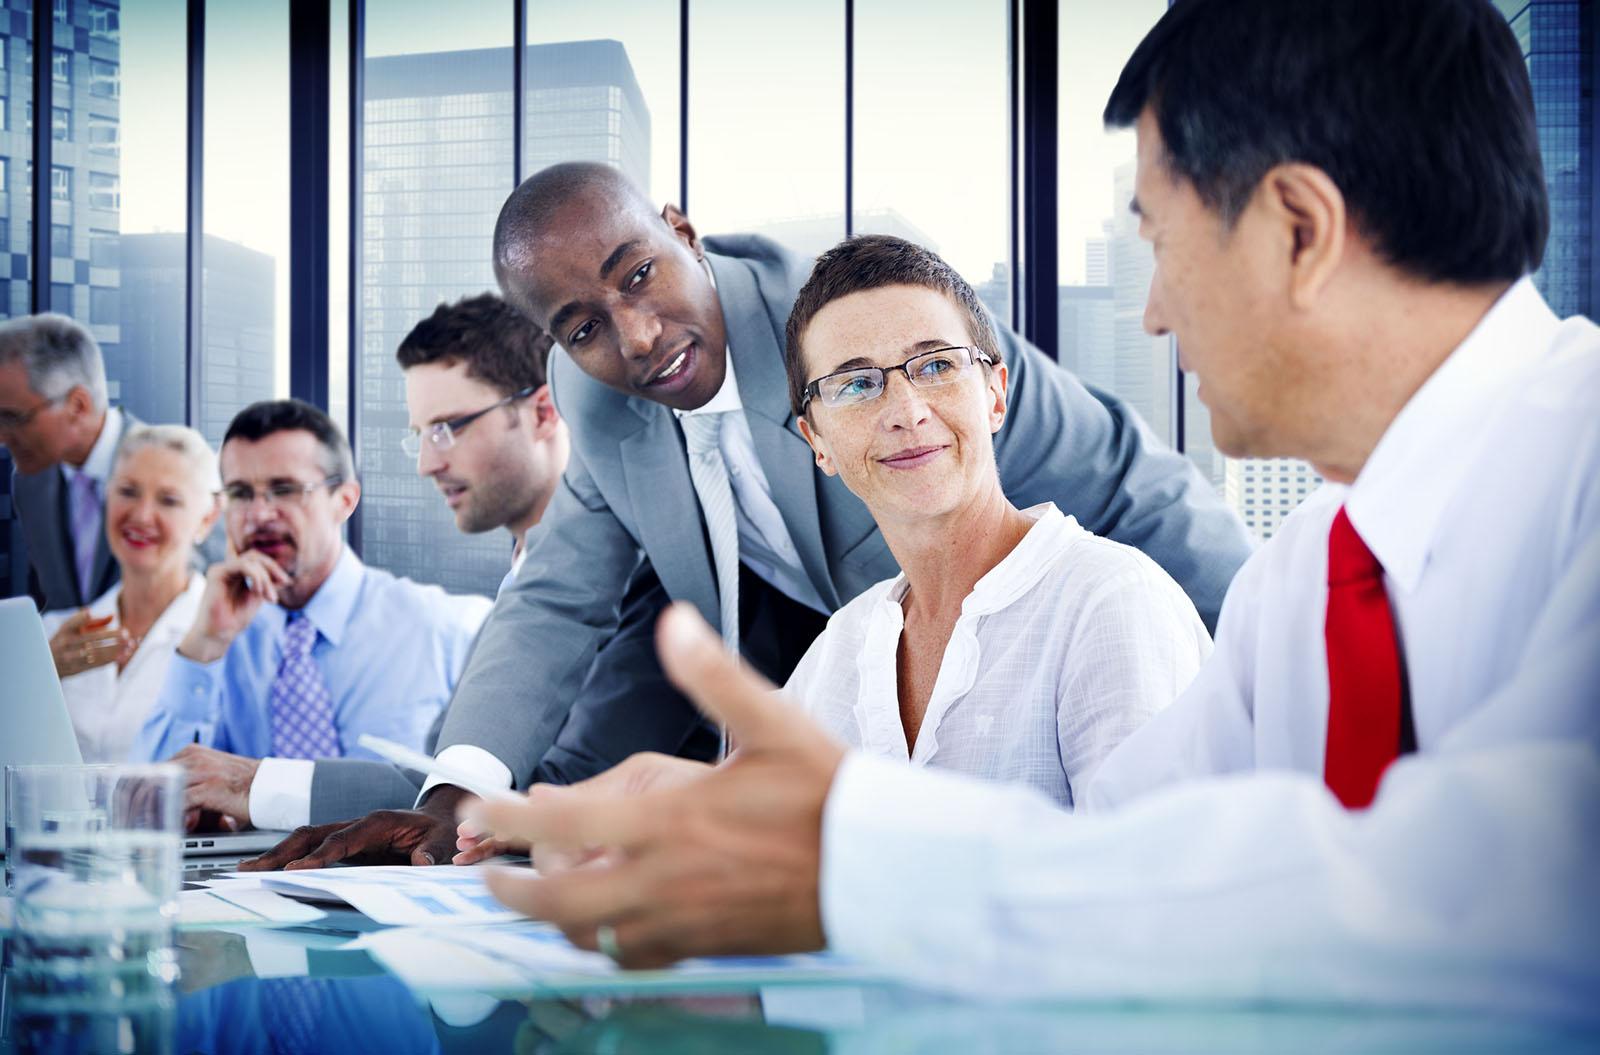 Plusieurs personnes en réunion en train de discuter